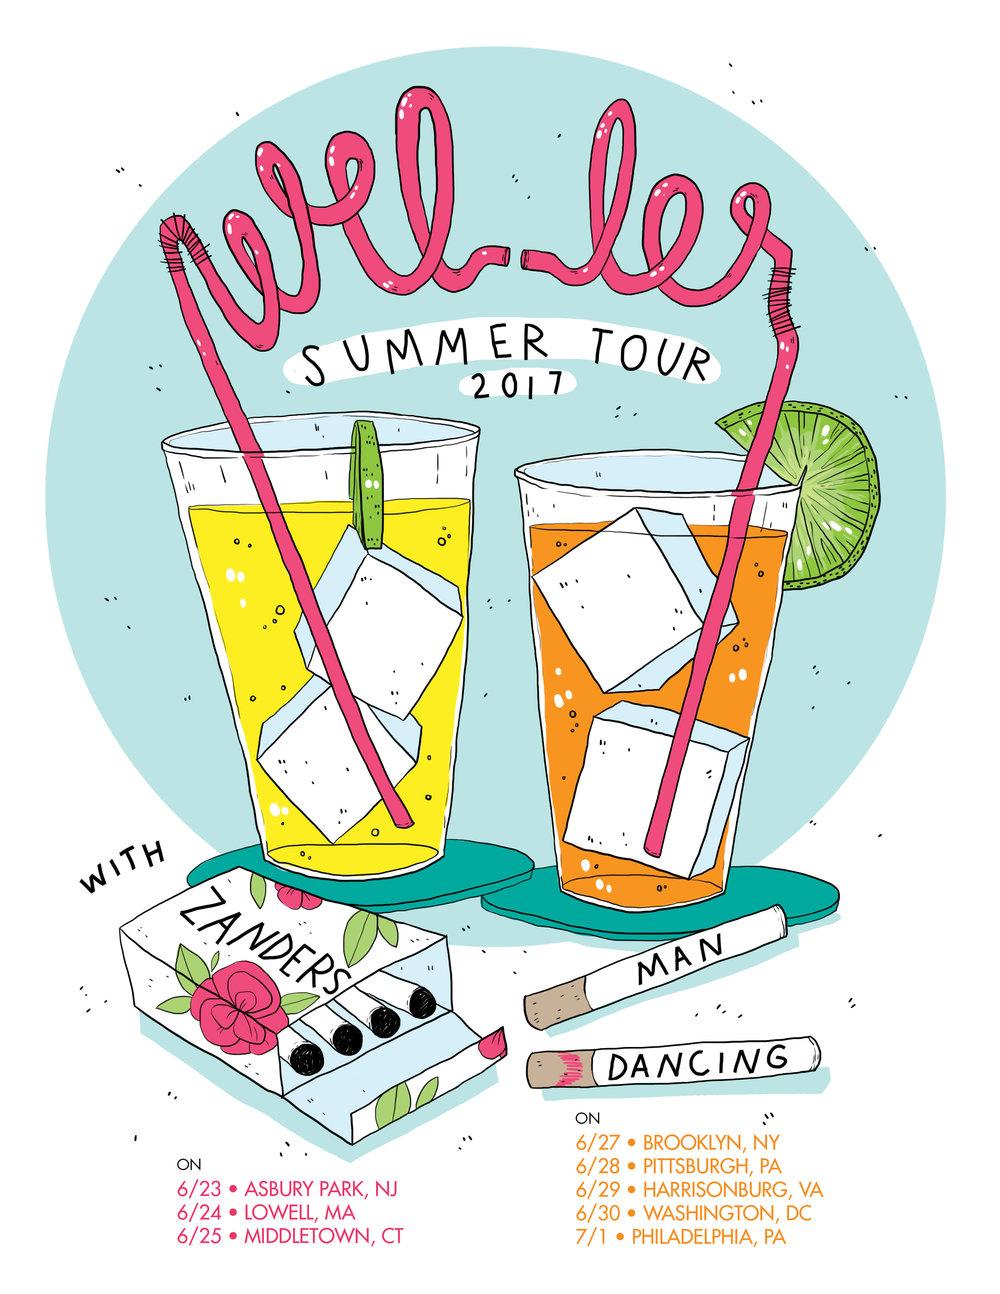 Weller_Summer17rev2.jpg